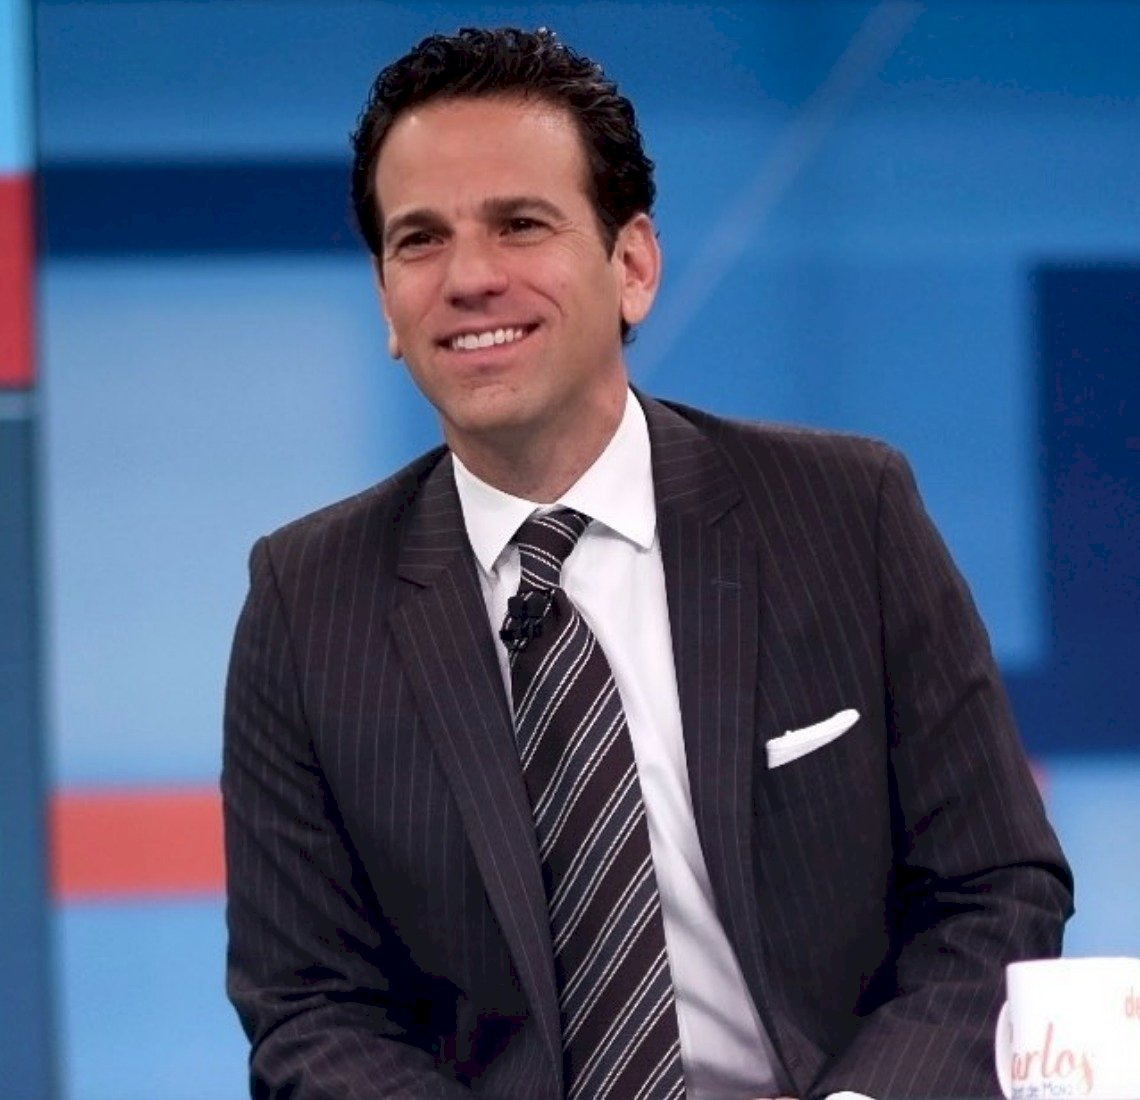 El periodista salió de Televisa luego de 18 años en la empresa Instagram